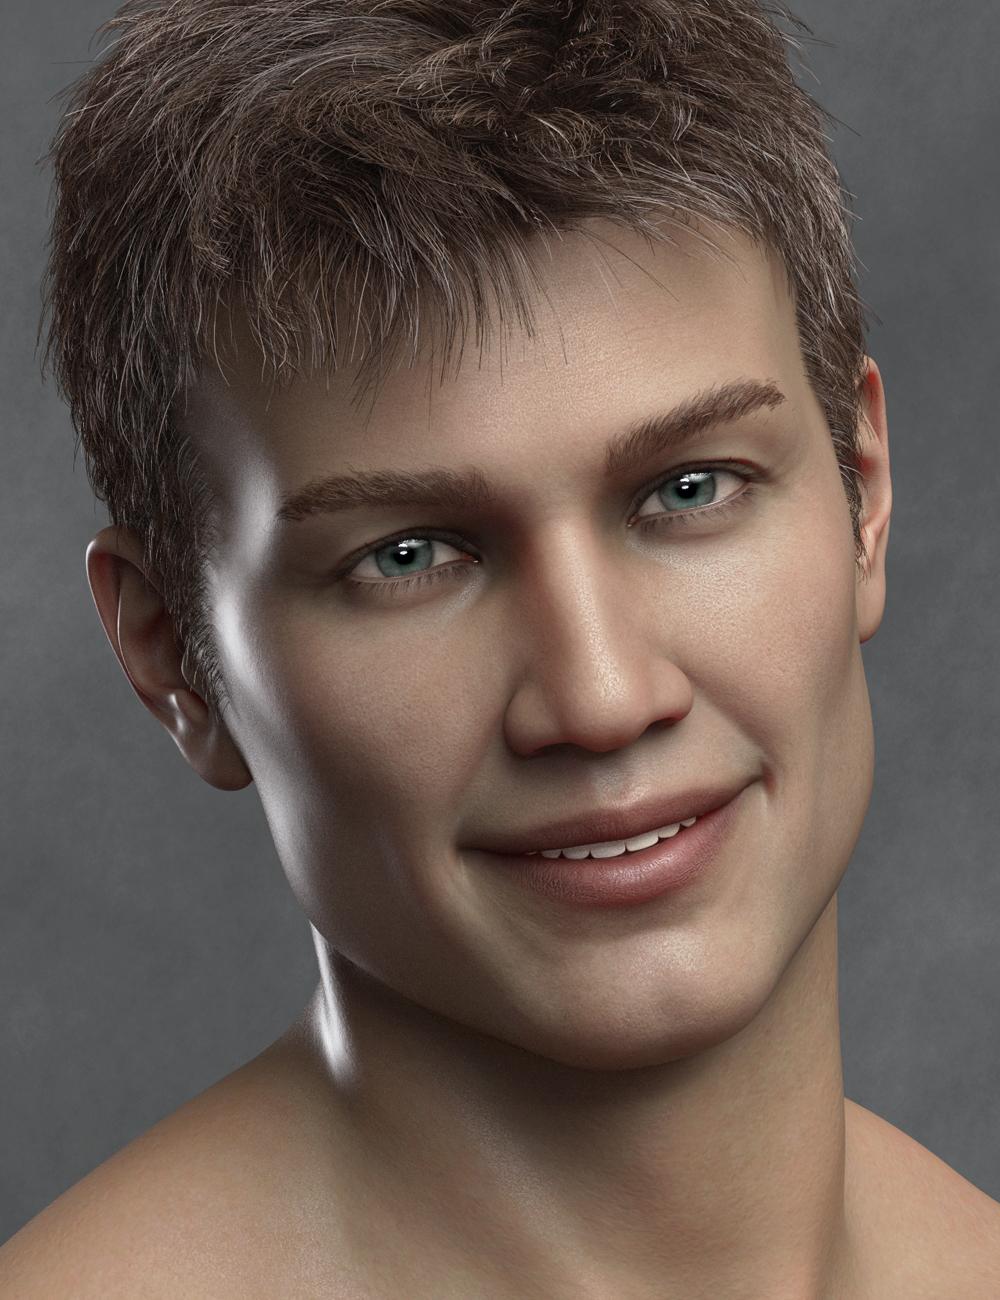 Burchard HD for Tristan 8 by: Emrys, 3D Models by Daz 3D